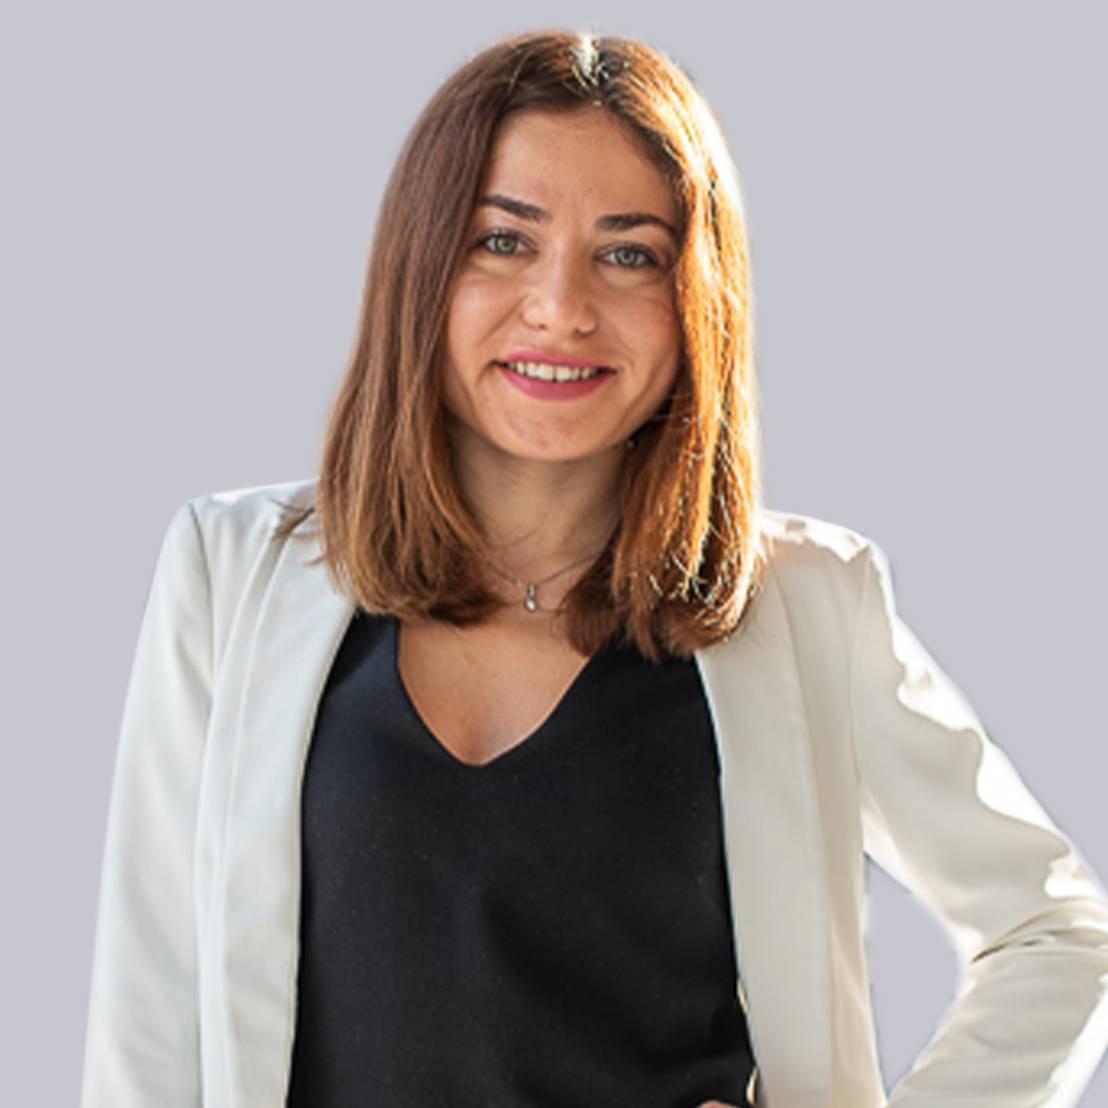 Parvana Balakishiyeva